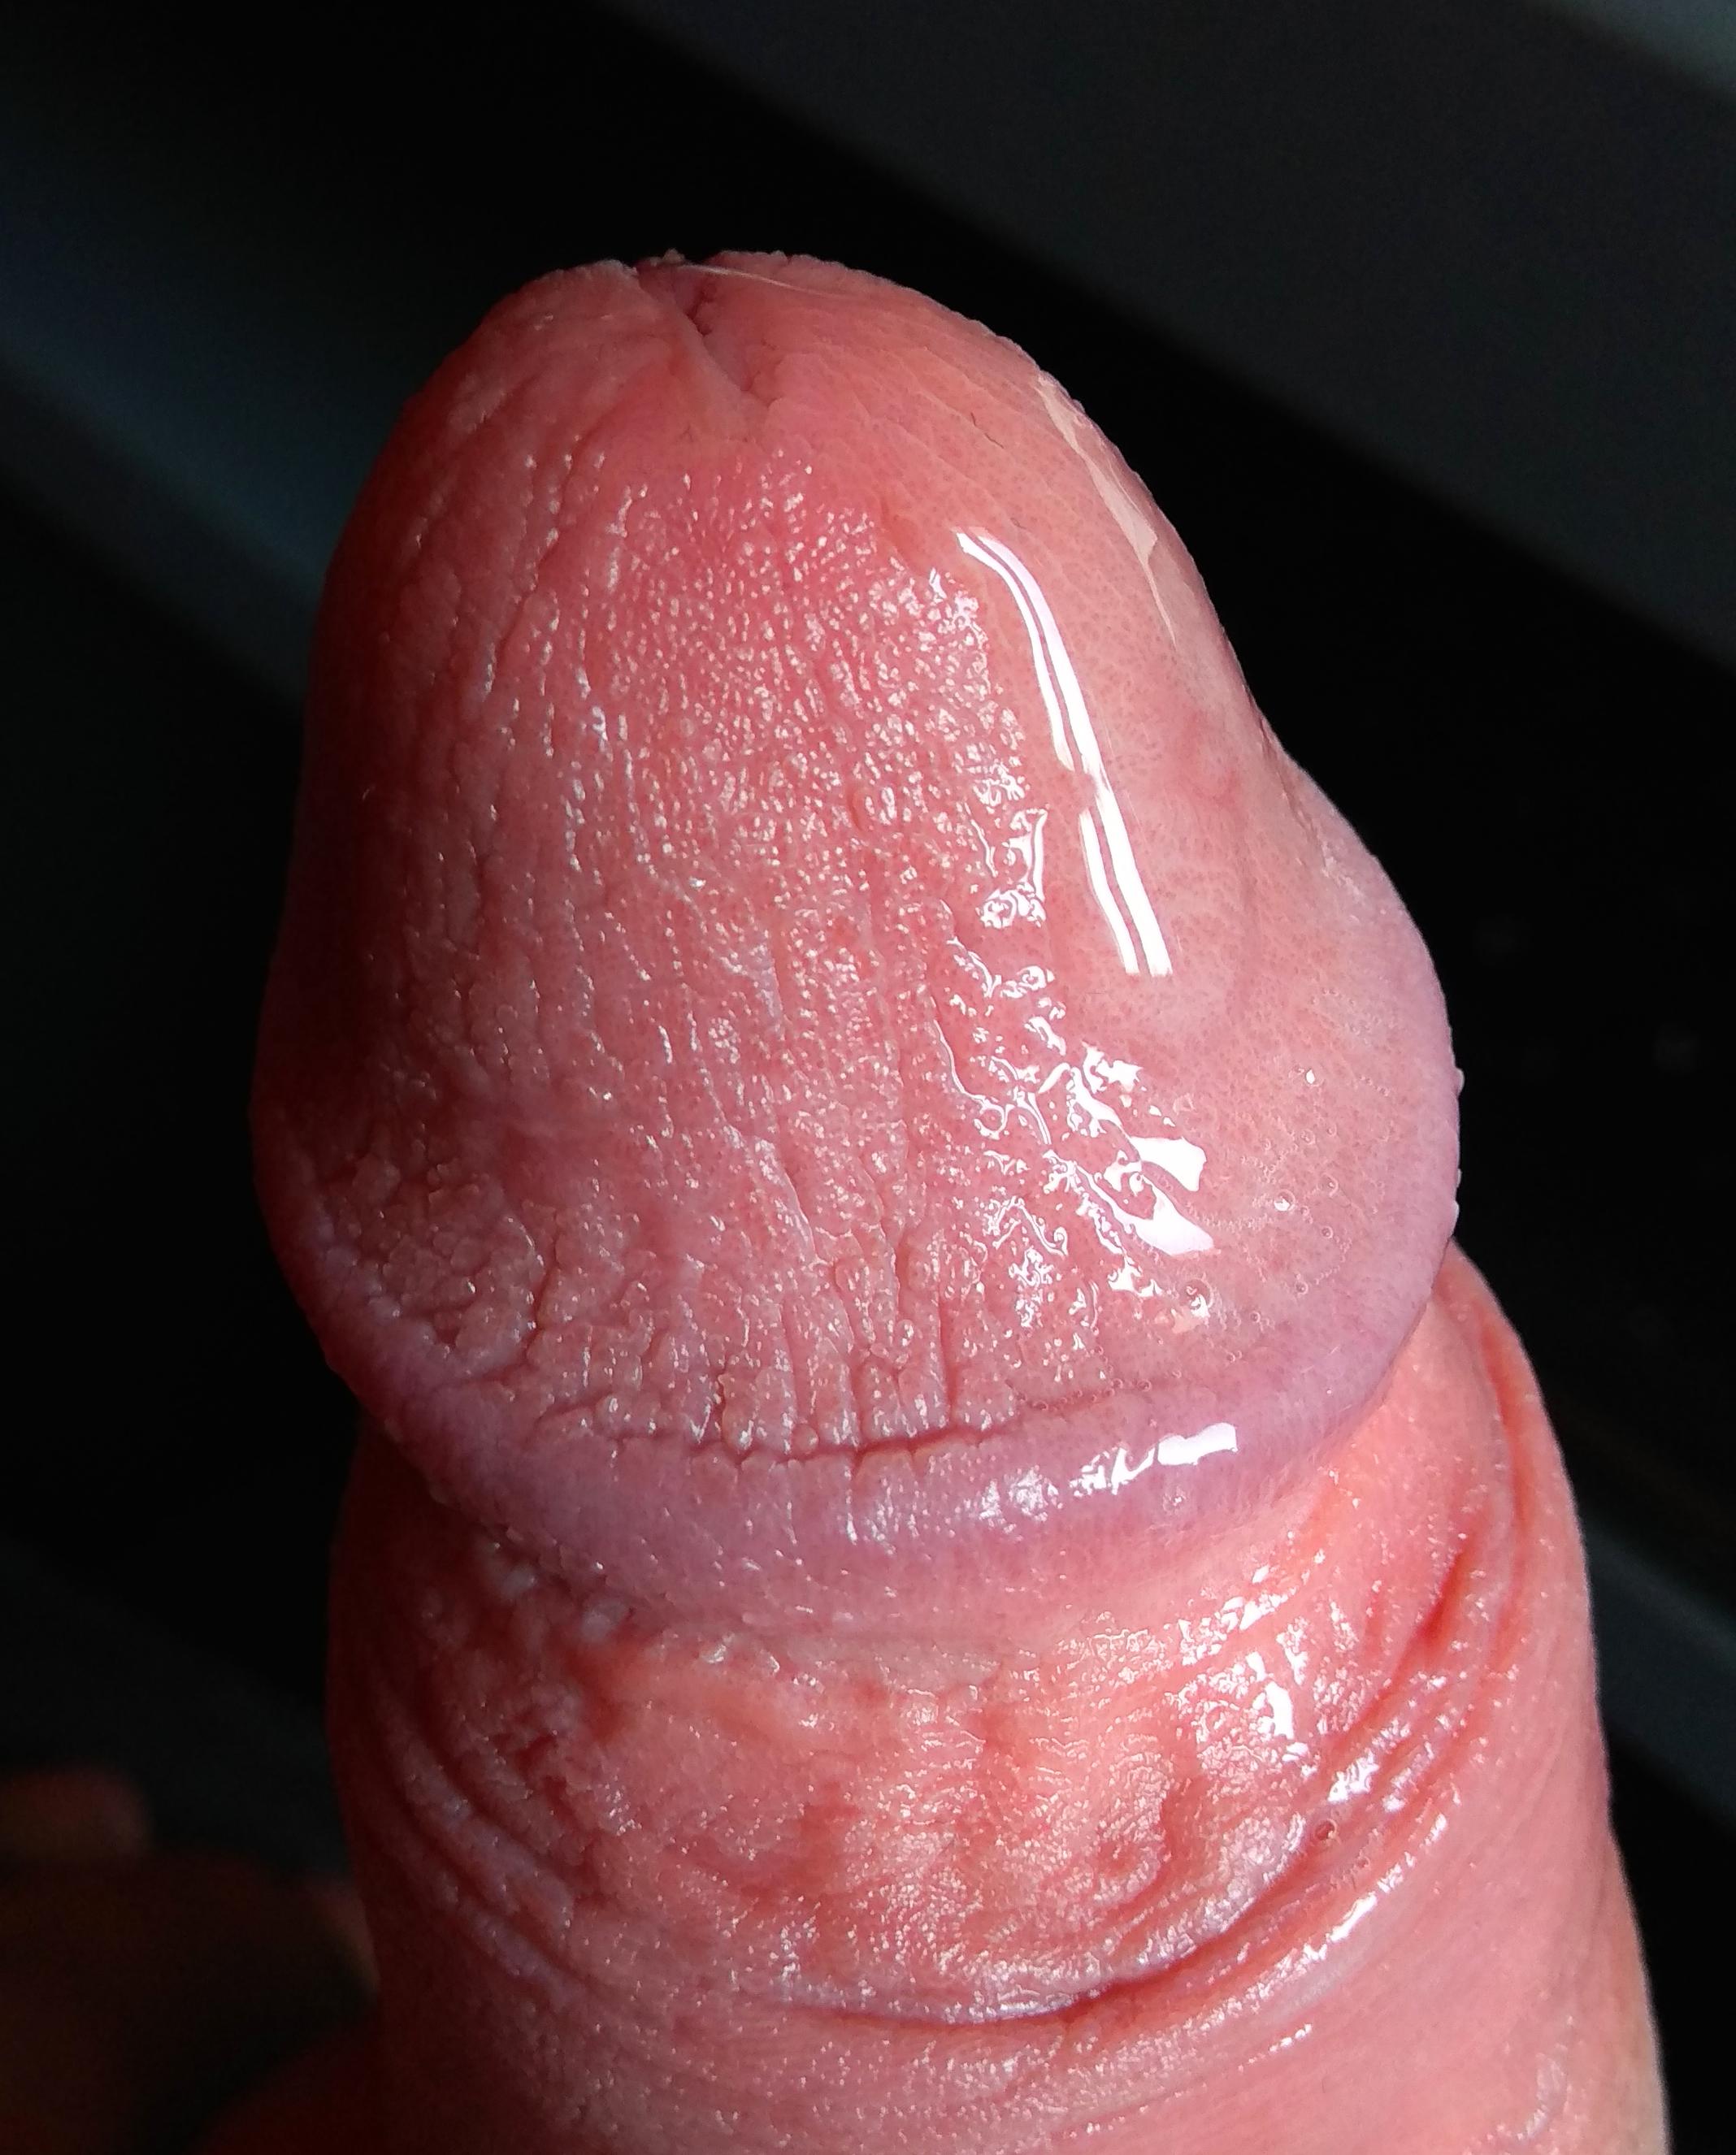 hímvessző erekciós képek nélkül